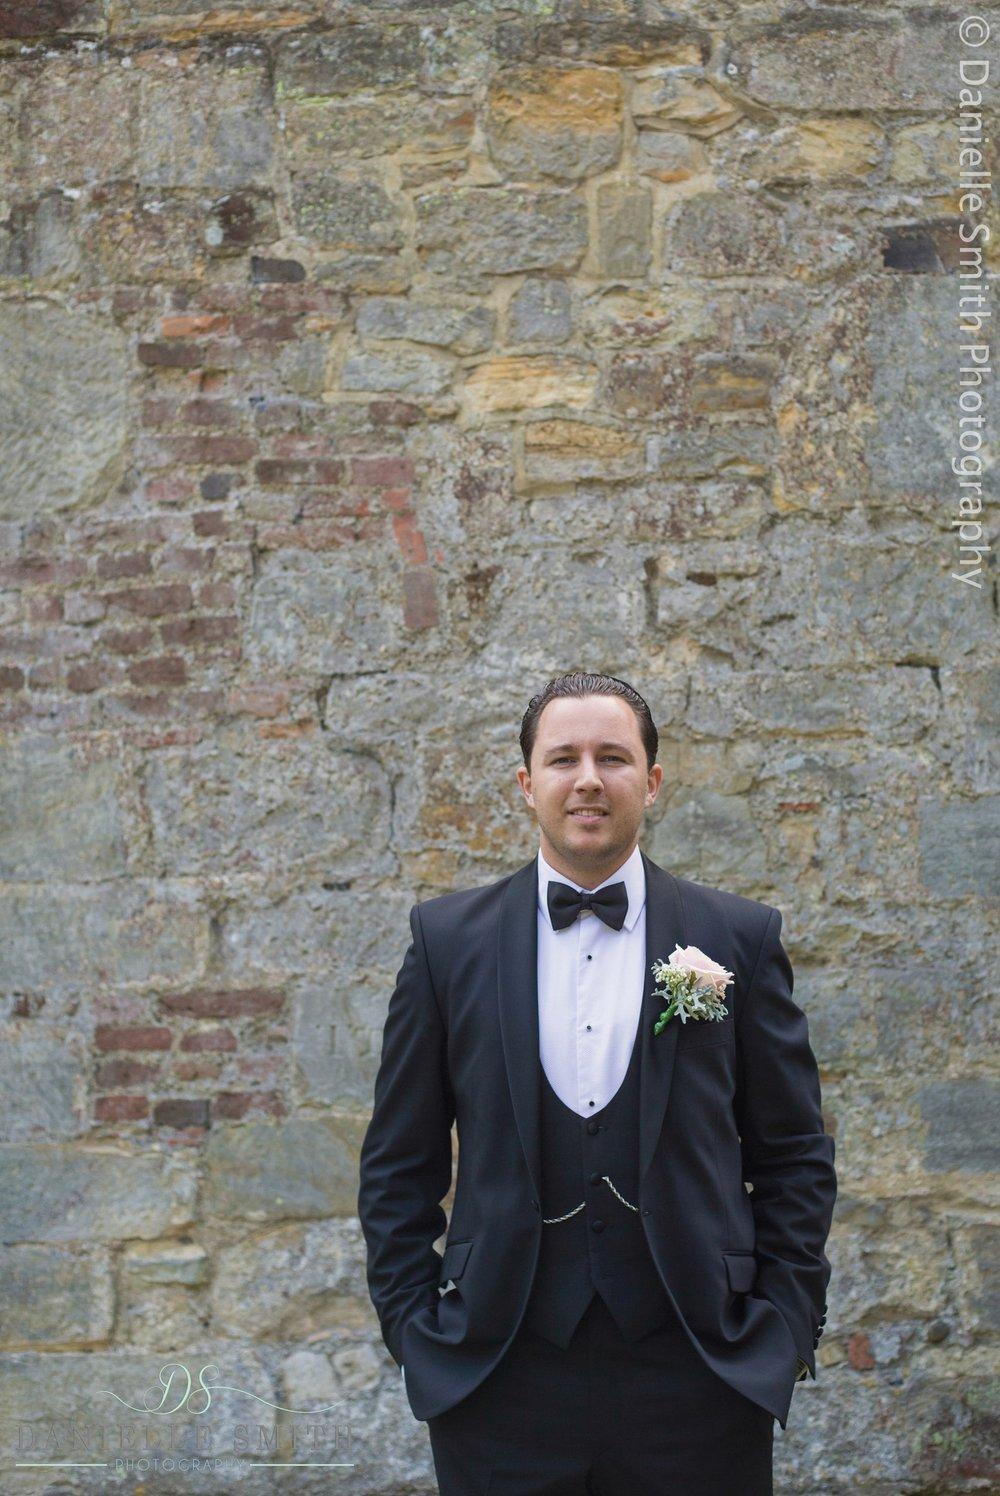 groom in 3 piece suit